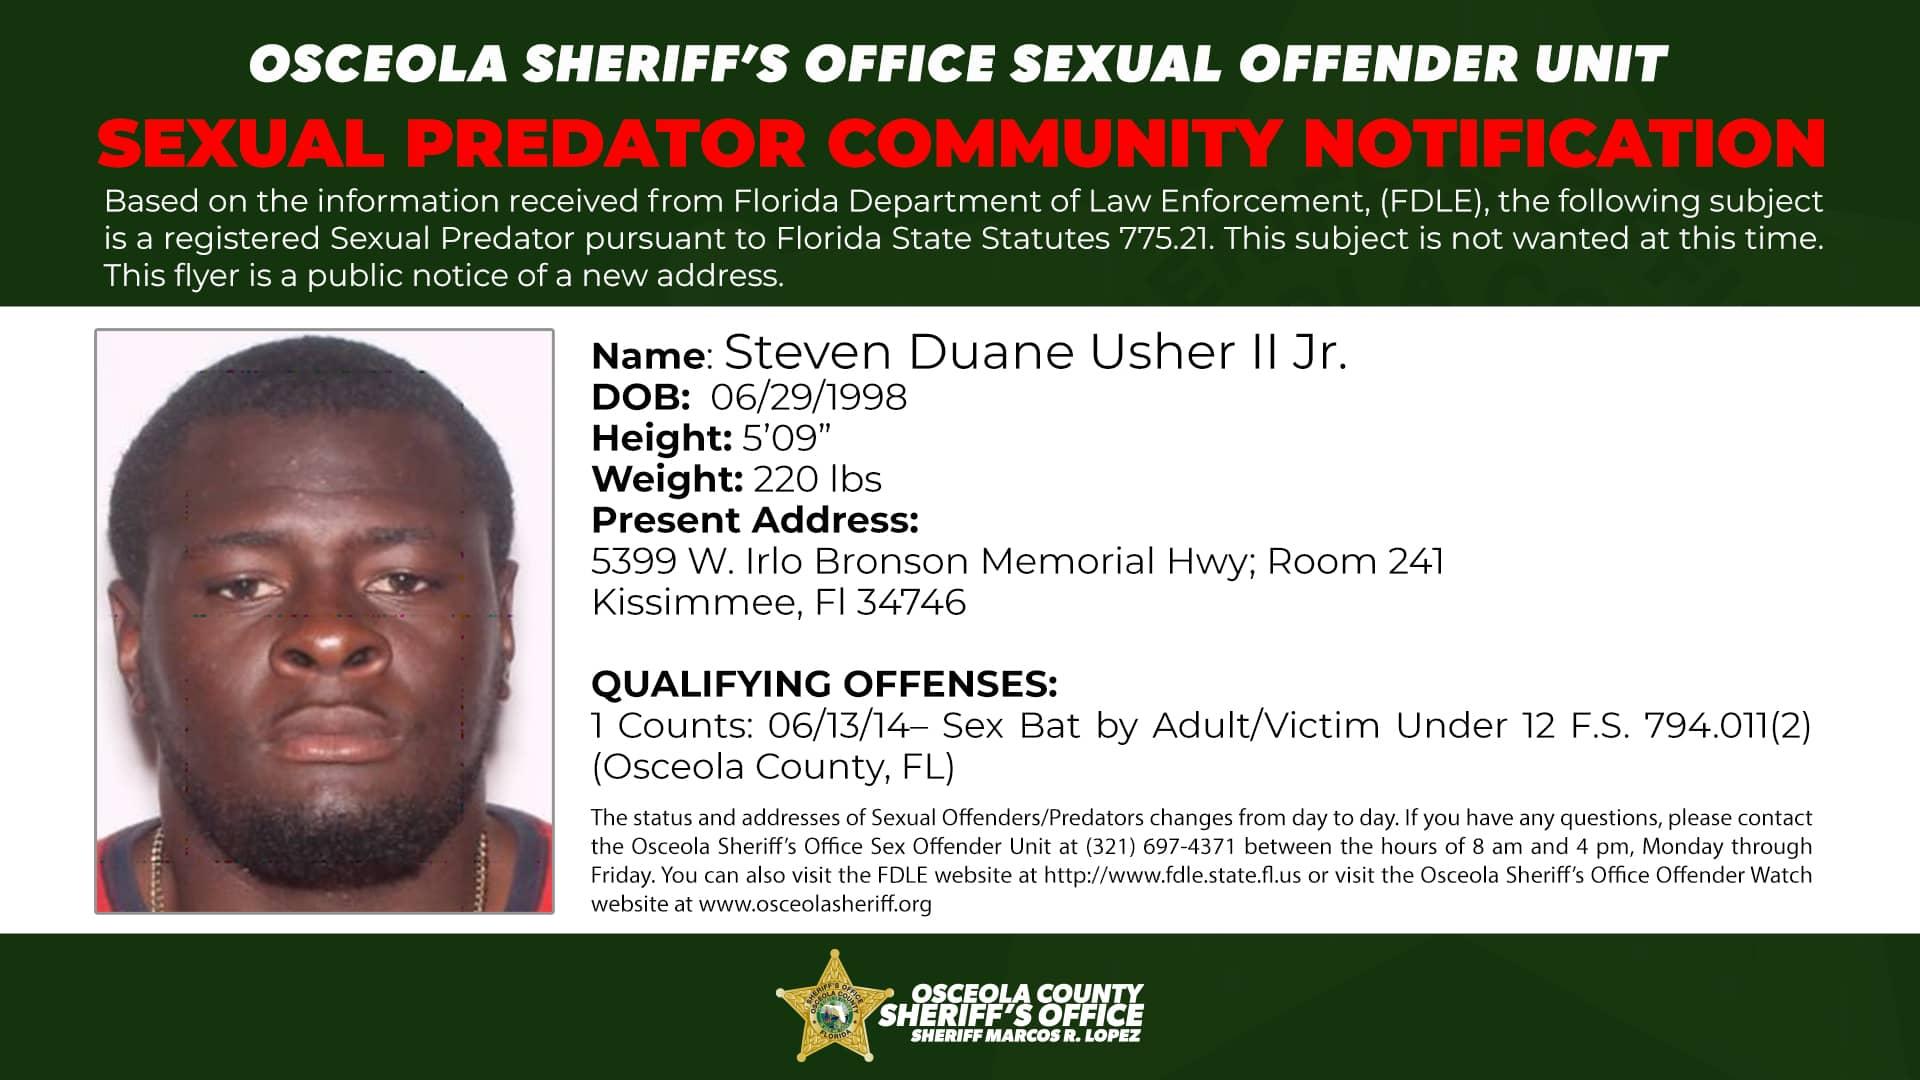 Steven Duane Usher - Steven Duane Usher II Jr.